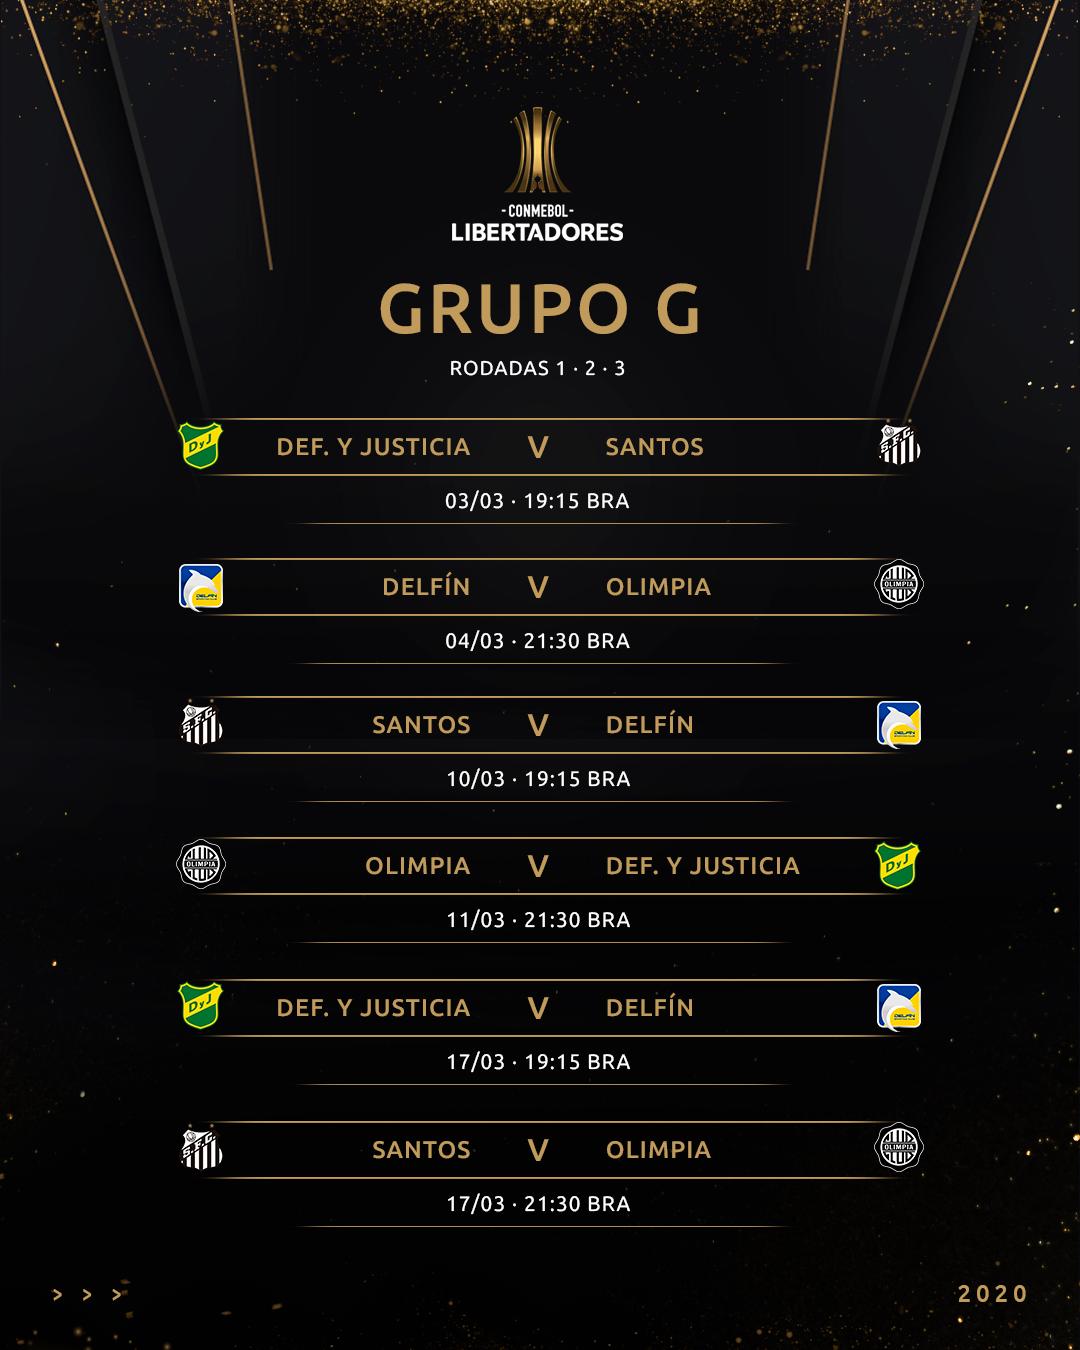 Grupo G Libertadores 1, 2 e 3